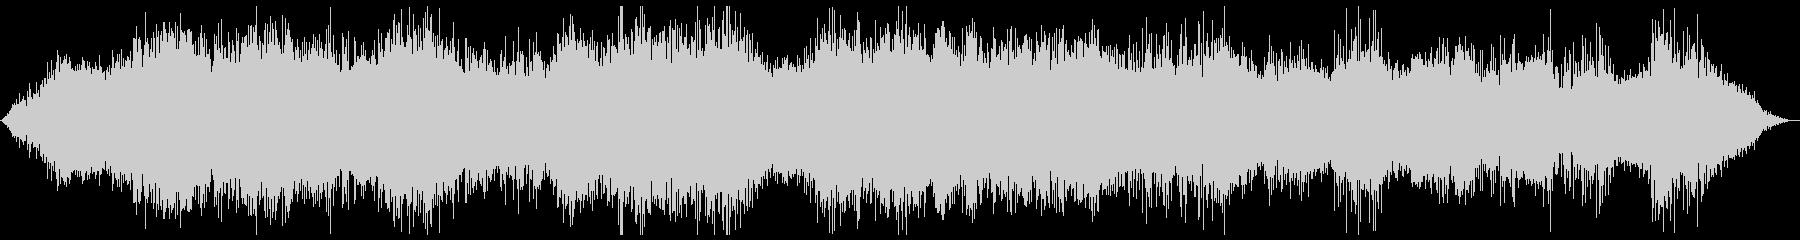 オルゴールのような切ないかわいいミニマルの未再生の波形